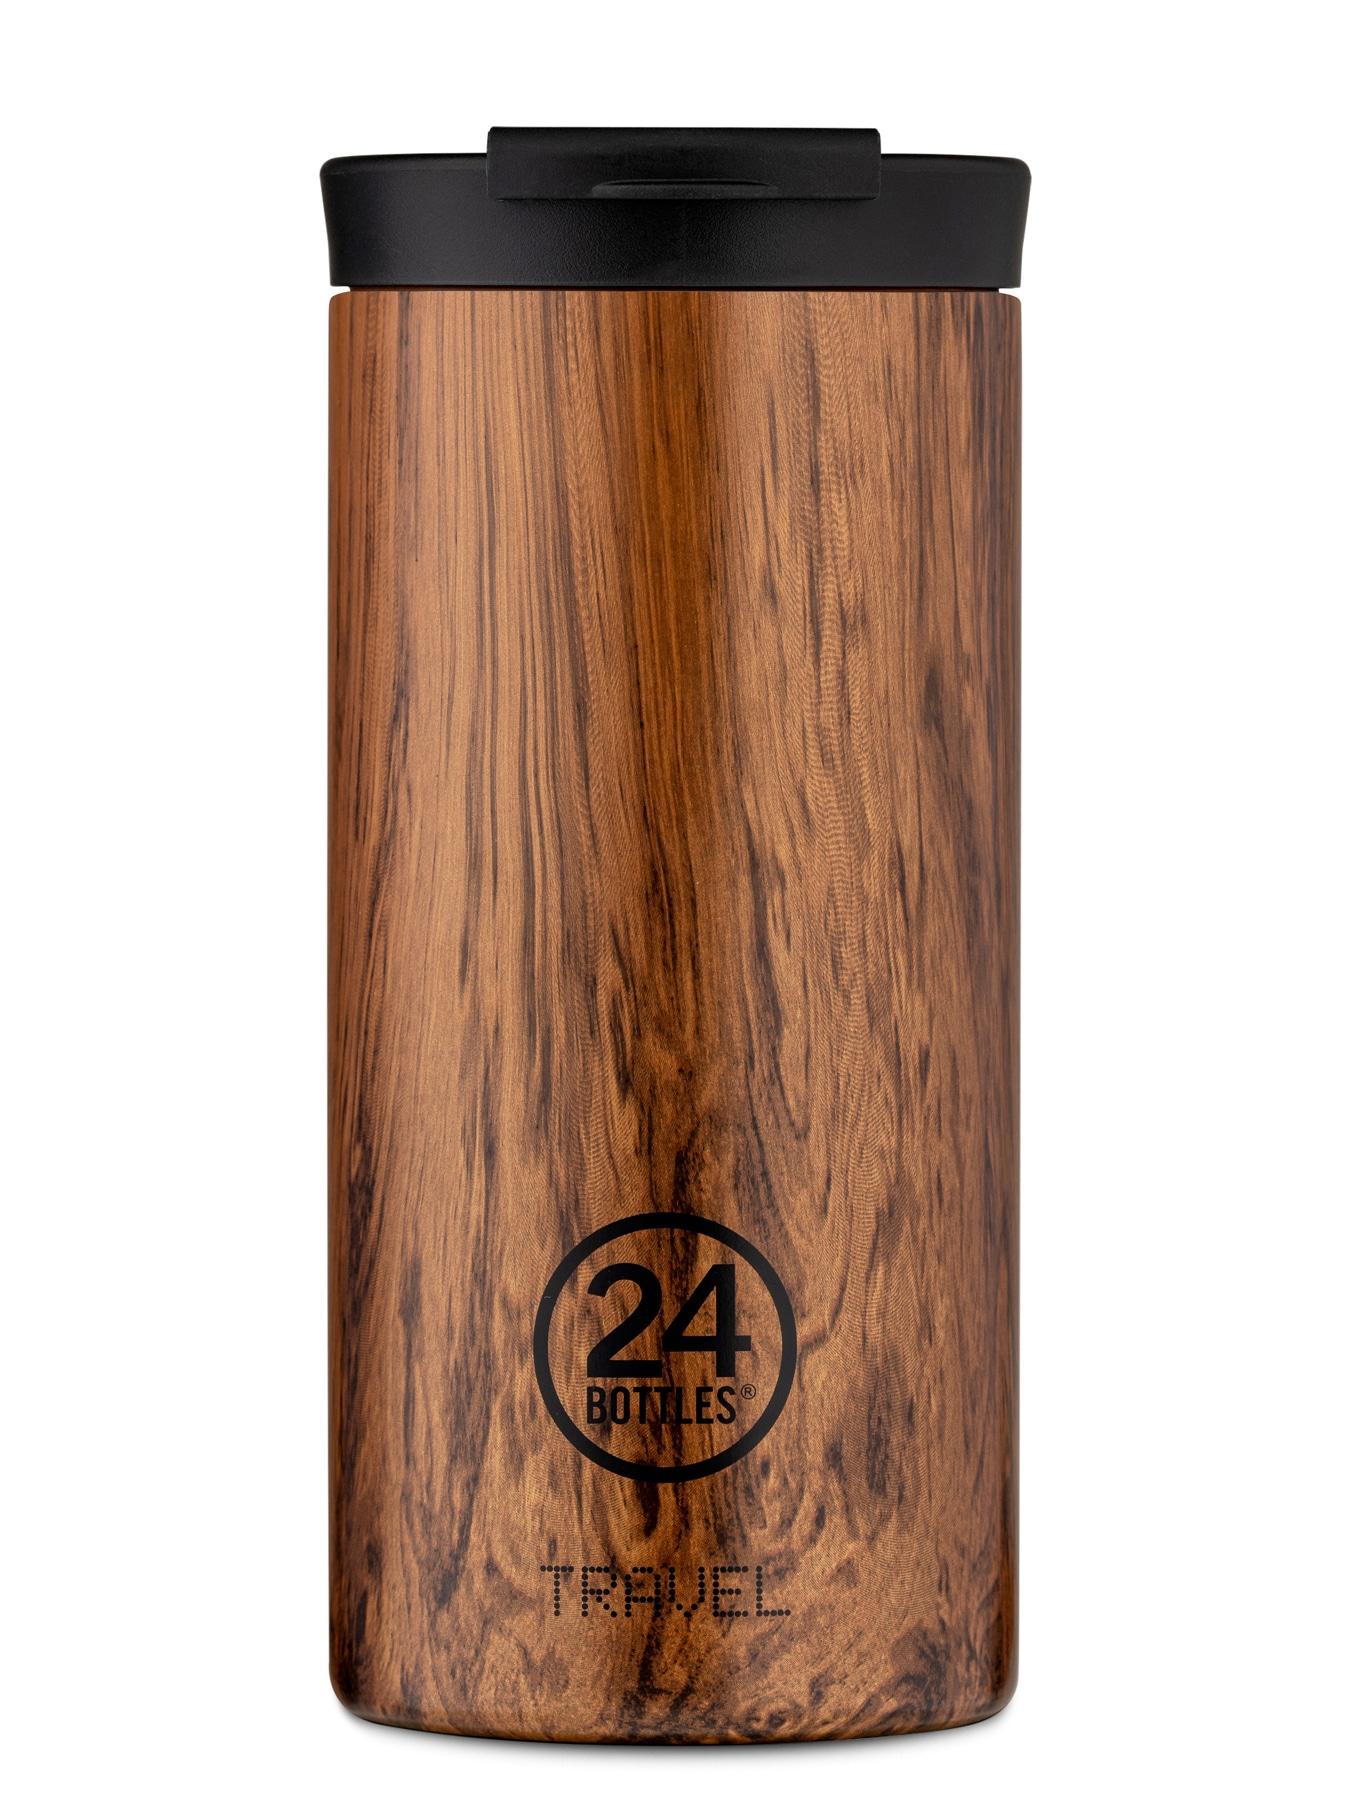 Borraccia Sequoia Wood Travel Tumbler, in metallo smaltato effetto legno, 24 BOTTLES (600 ml, 36,90 €).